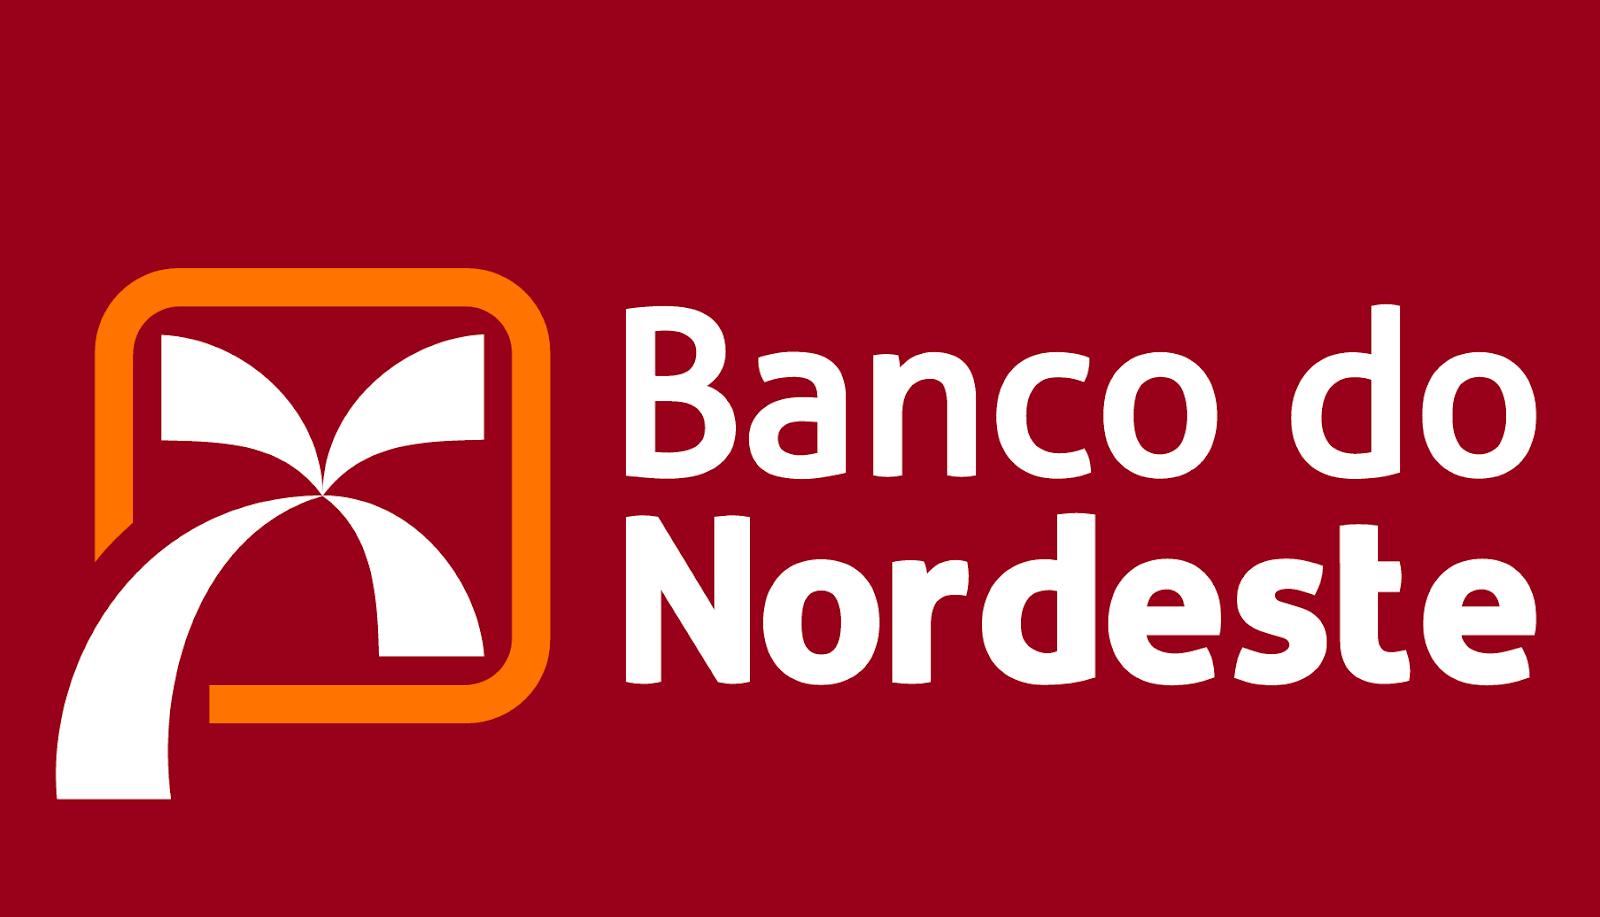 BANCO DO NORDESTE O BANCO DO NOSSO POVO